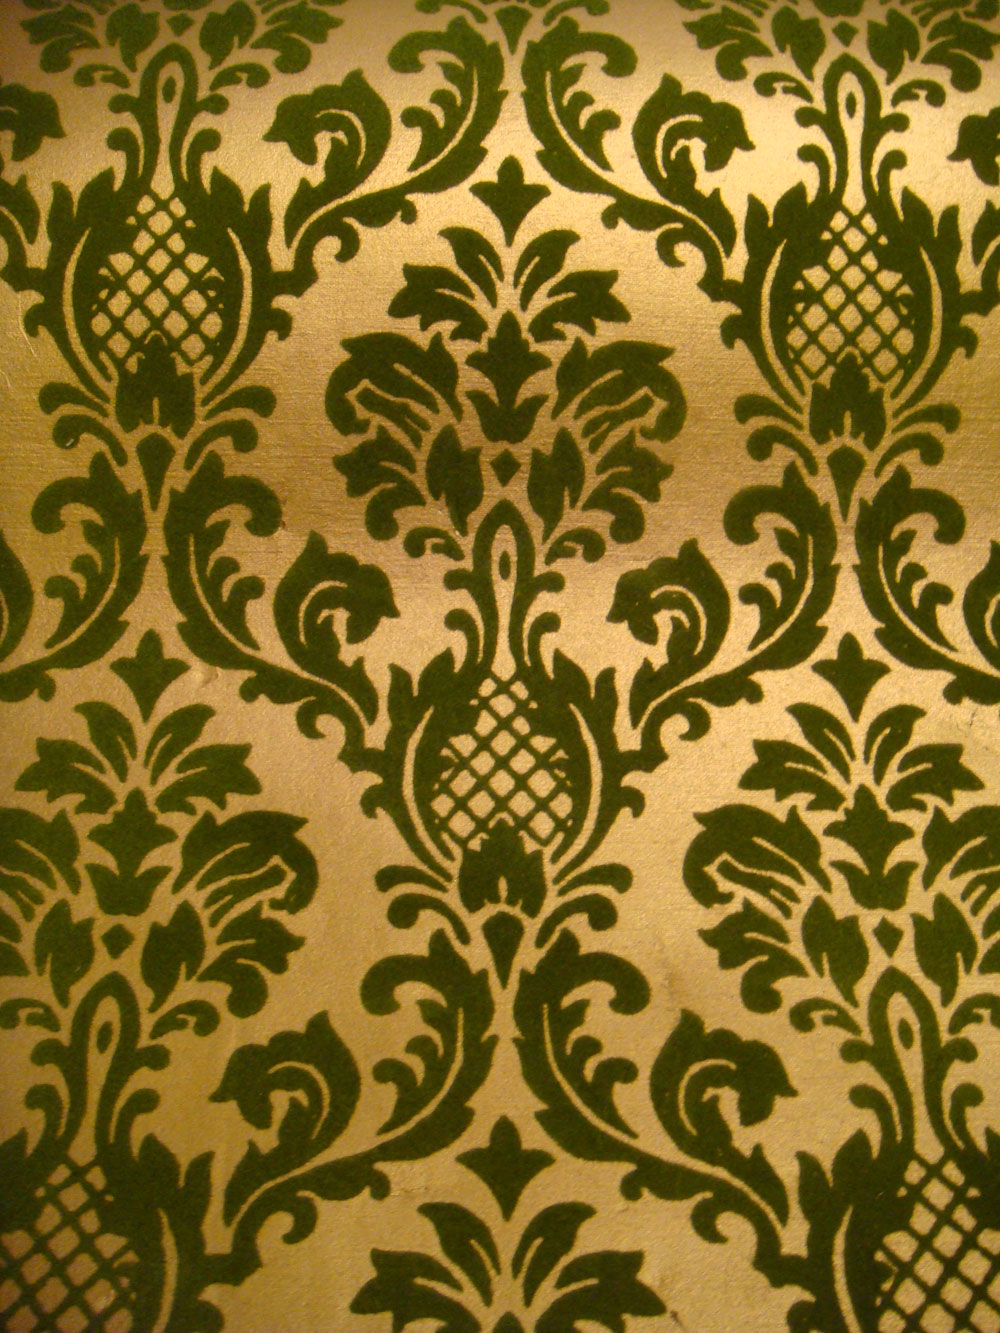 70 039 s Vtg Flocked Gold Brocade Wallpaper Deadstock 2 Rolls 140 Sq 1000x1333